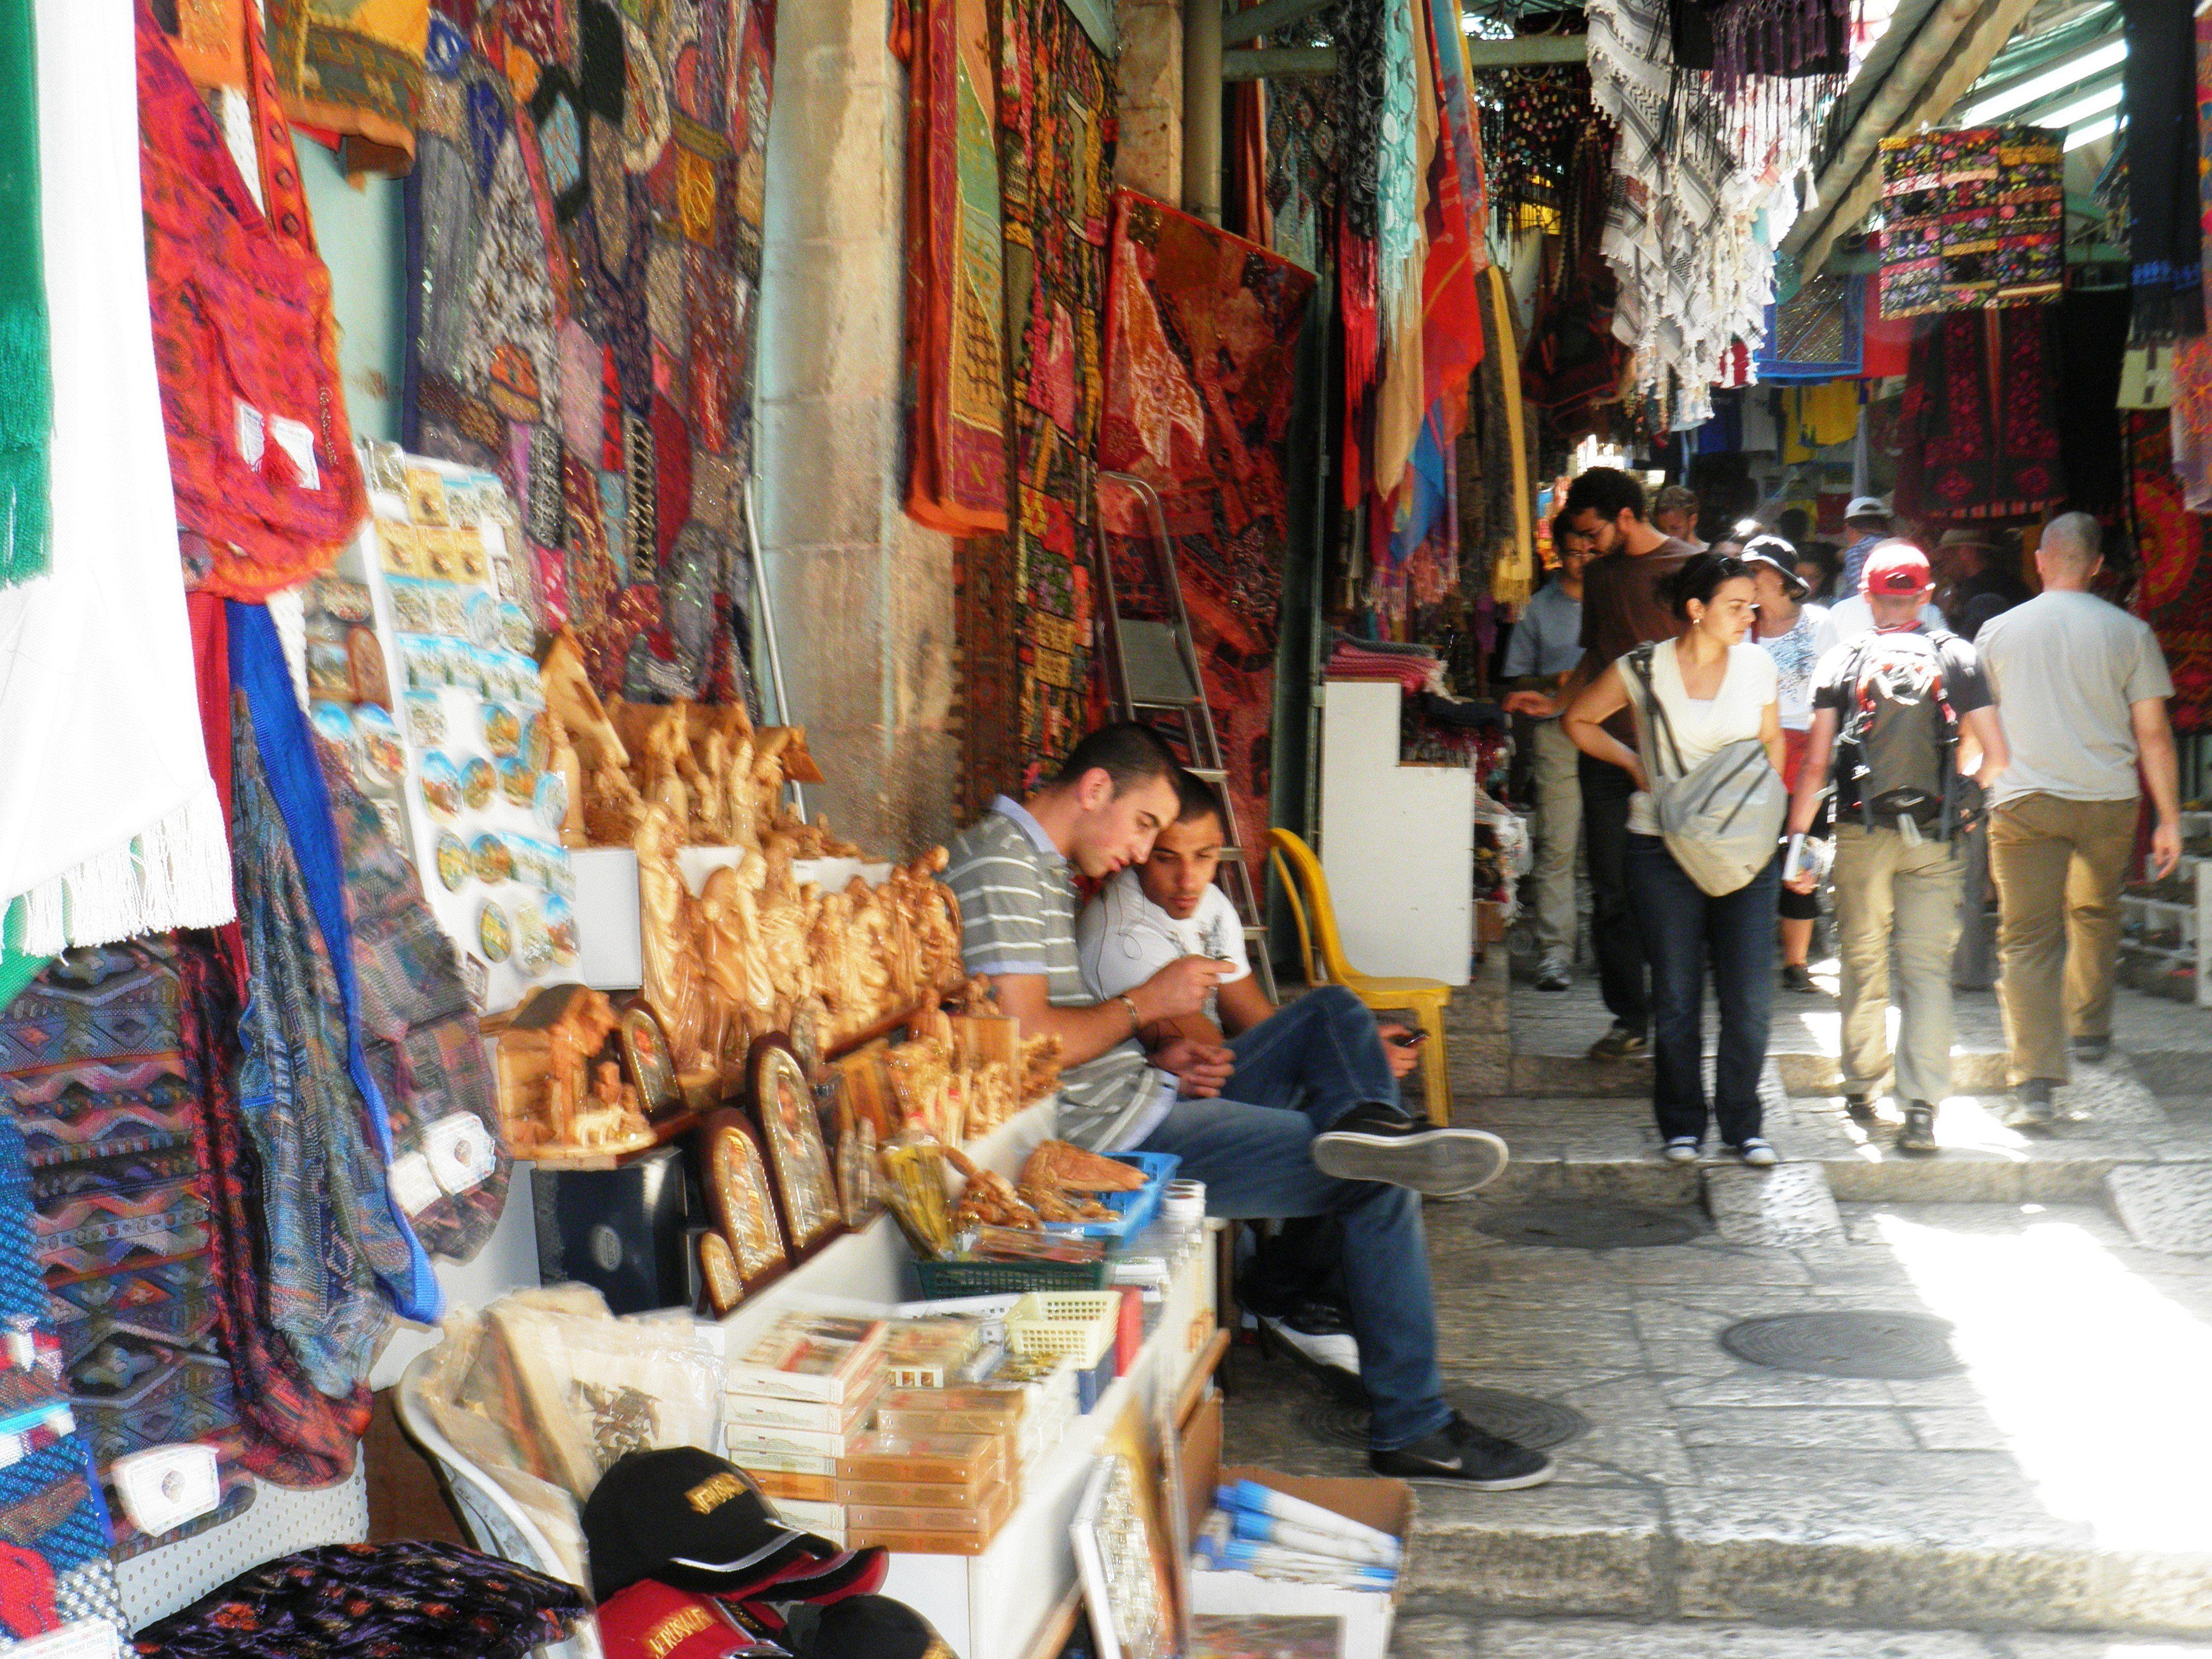 Jerusalem Old City Market Old City Places To Go